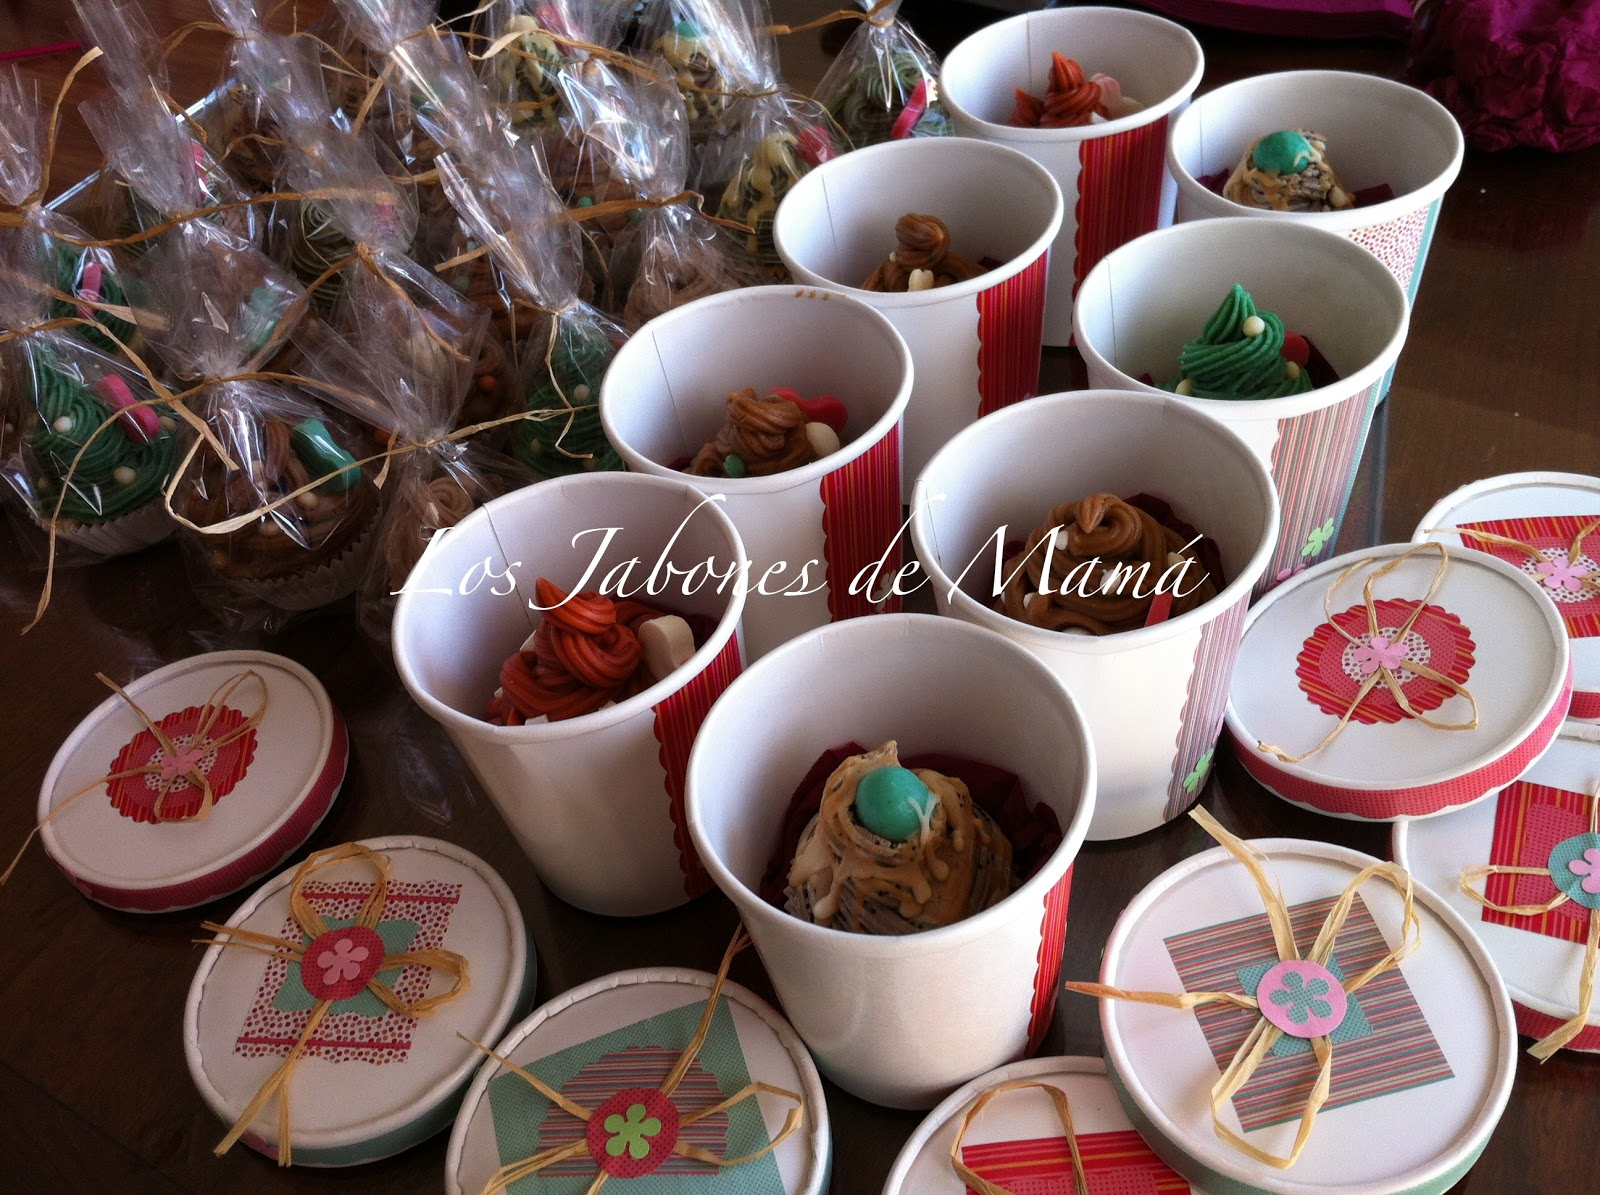 Los Jabones De Mama Regalos De Navidad Para Profesoras Cupcake De - Regalos-de-navidad-para-mam